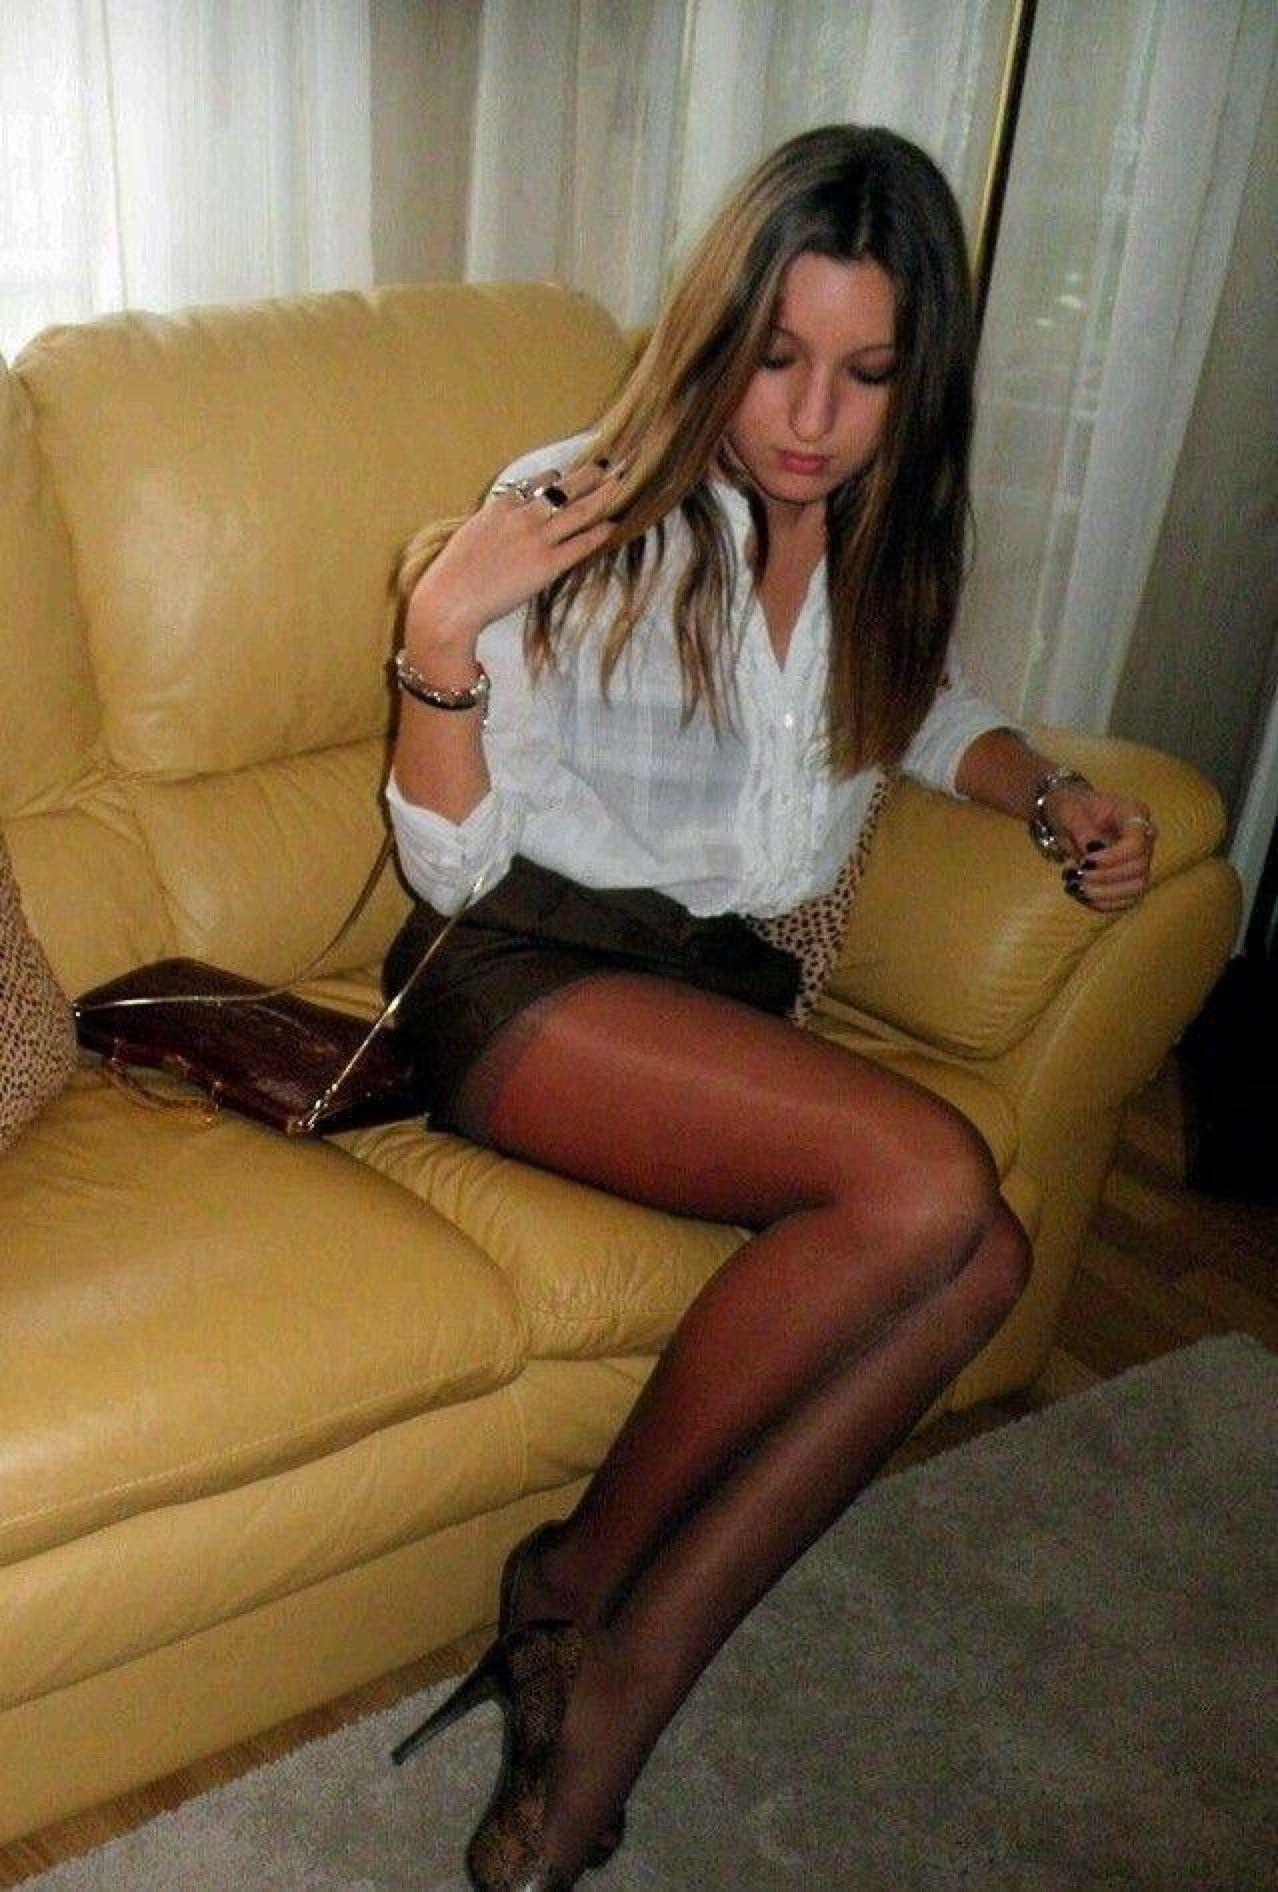 Young thai girl nude sexy fuck